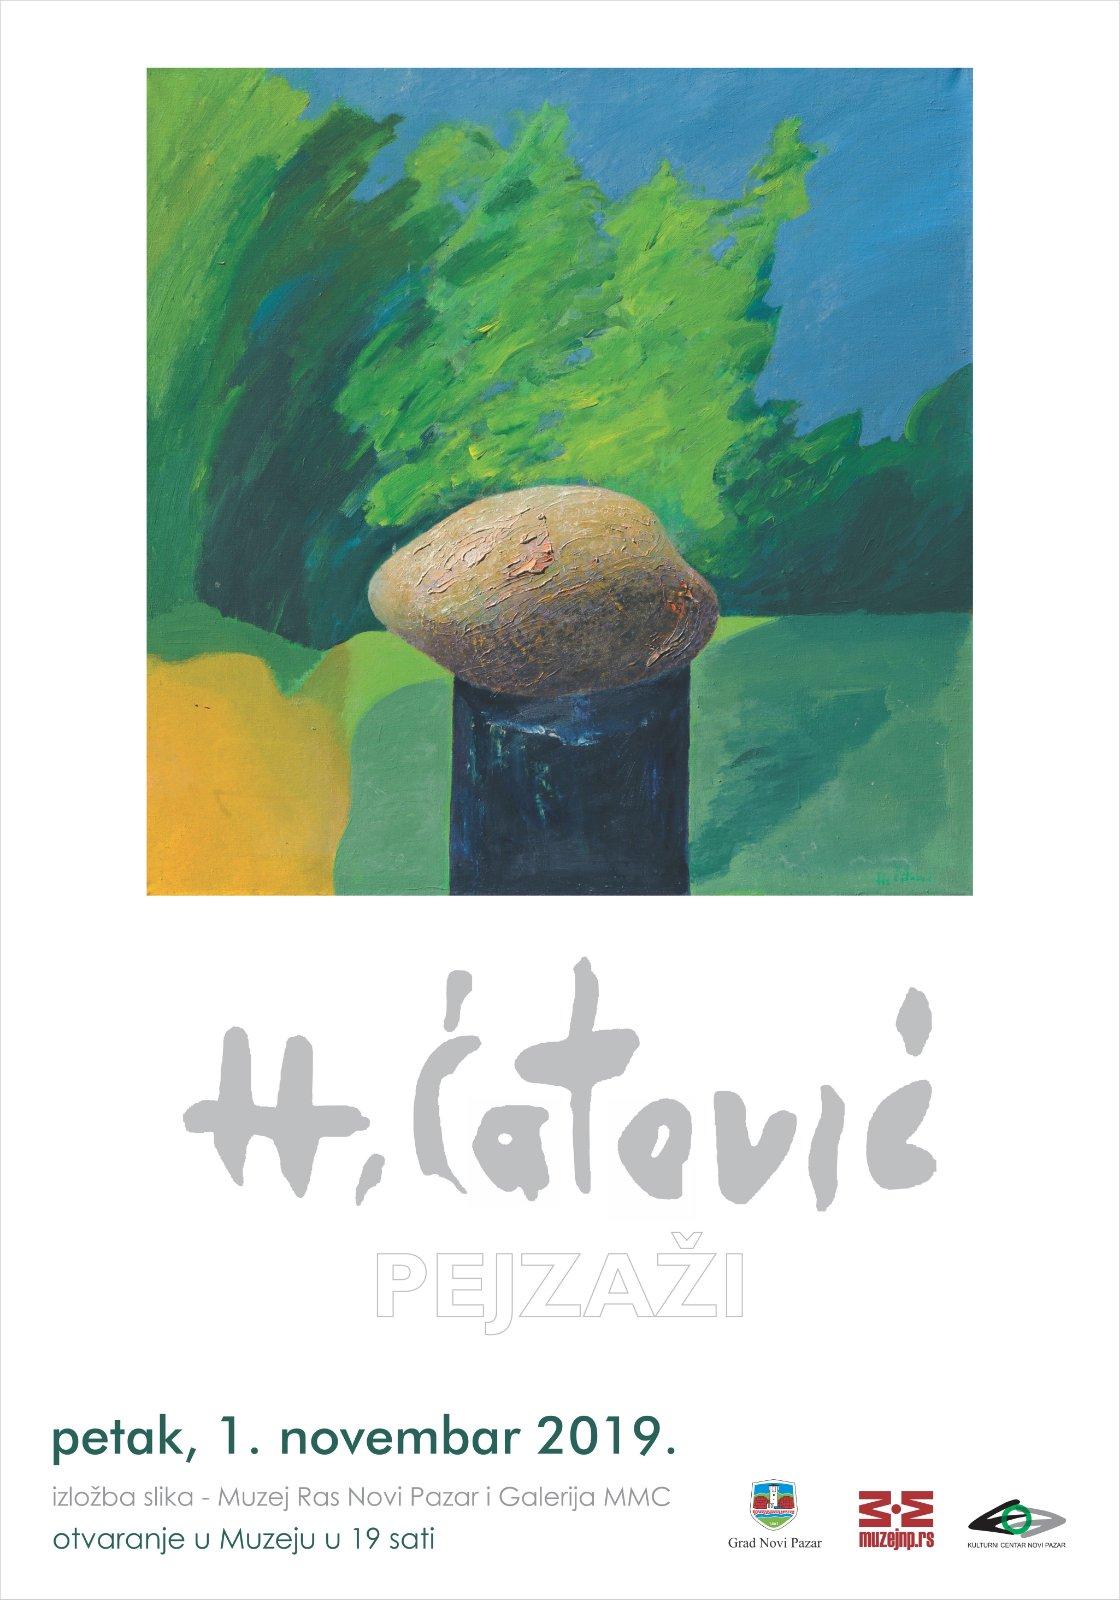 Prezentacija izložbe slika Himije Ćatovića (1933-2017)